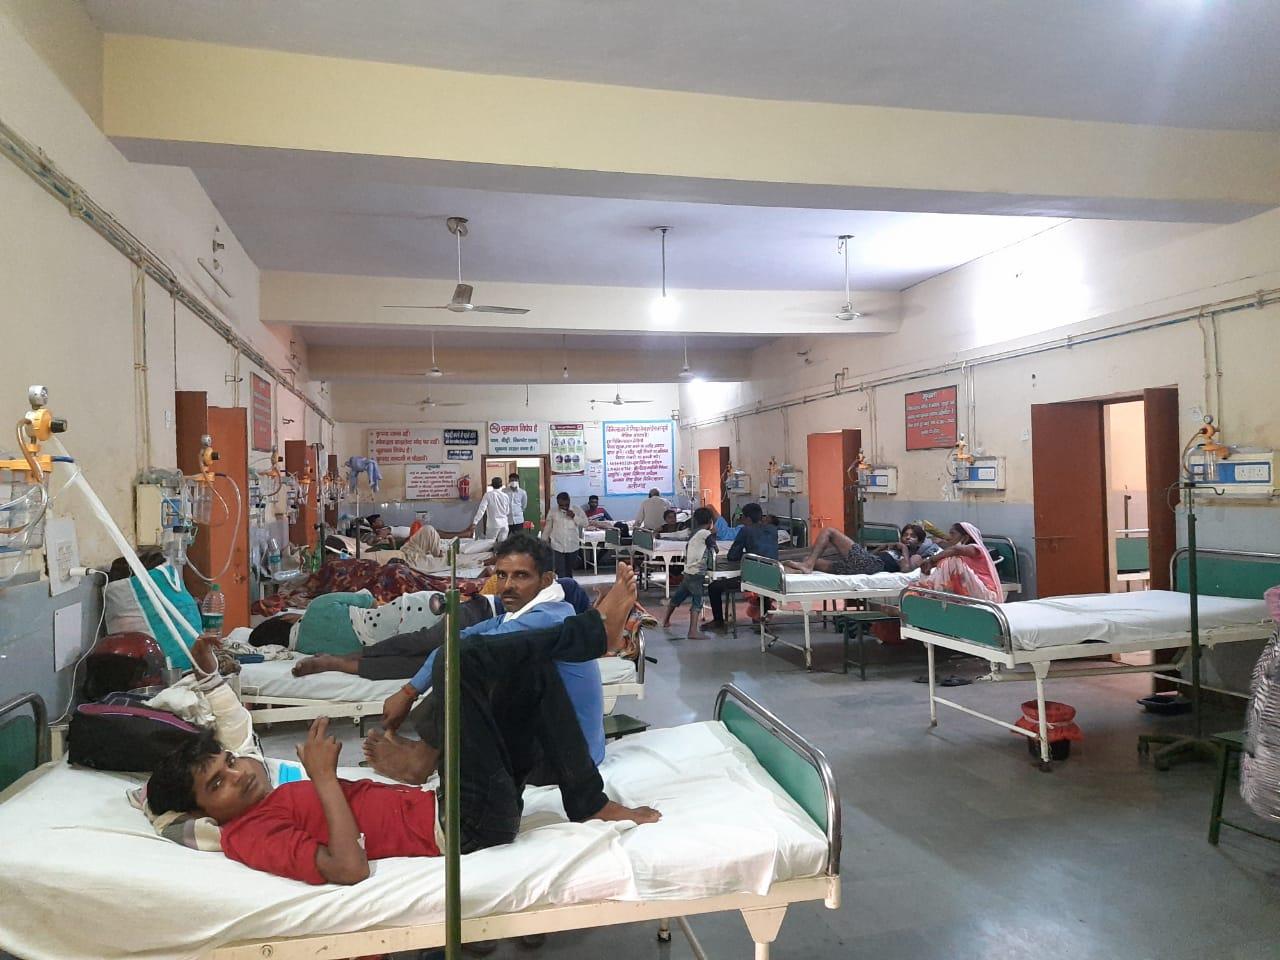 केवल 15 दिन में डेंगू के मरीजों की संख्या हुई 60, सभी अस्पताल में भर्ती अलीगढ़,Aligarh - Dainik Bhaskar